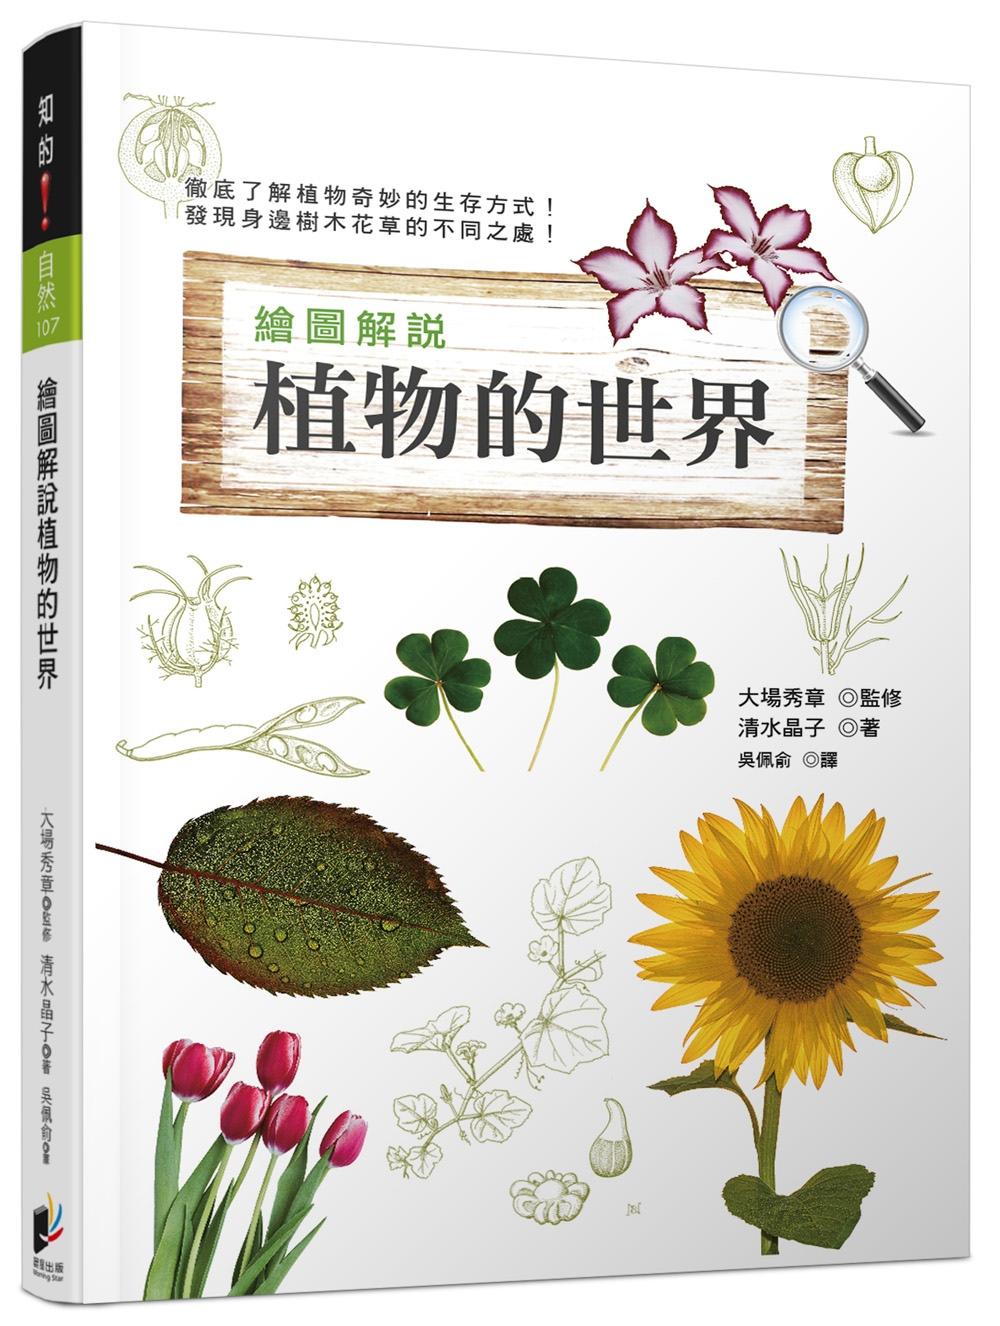 繪圖解說 植物的世界